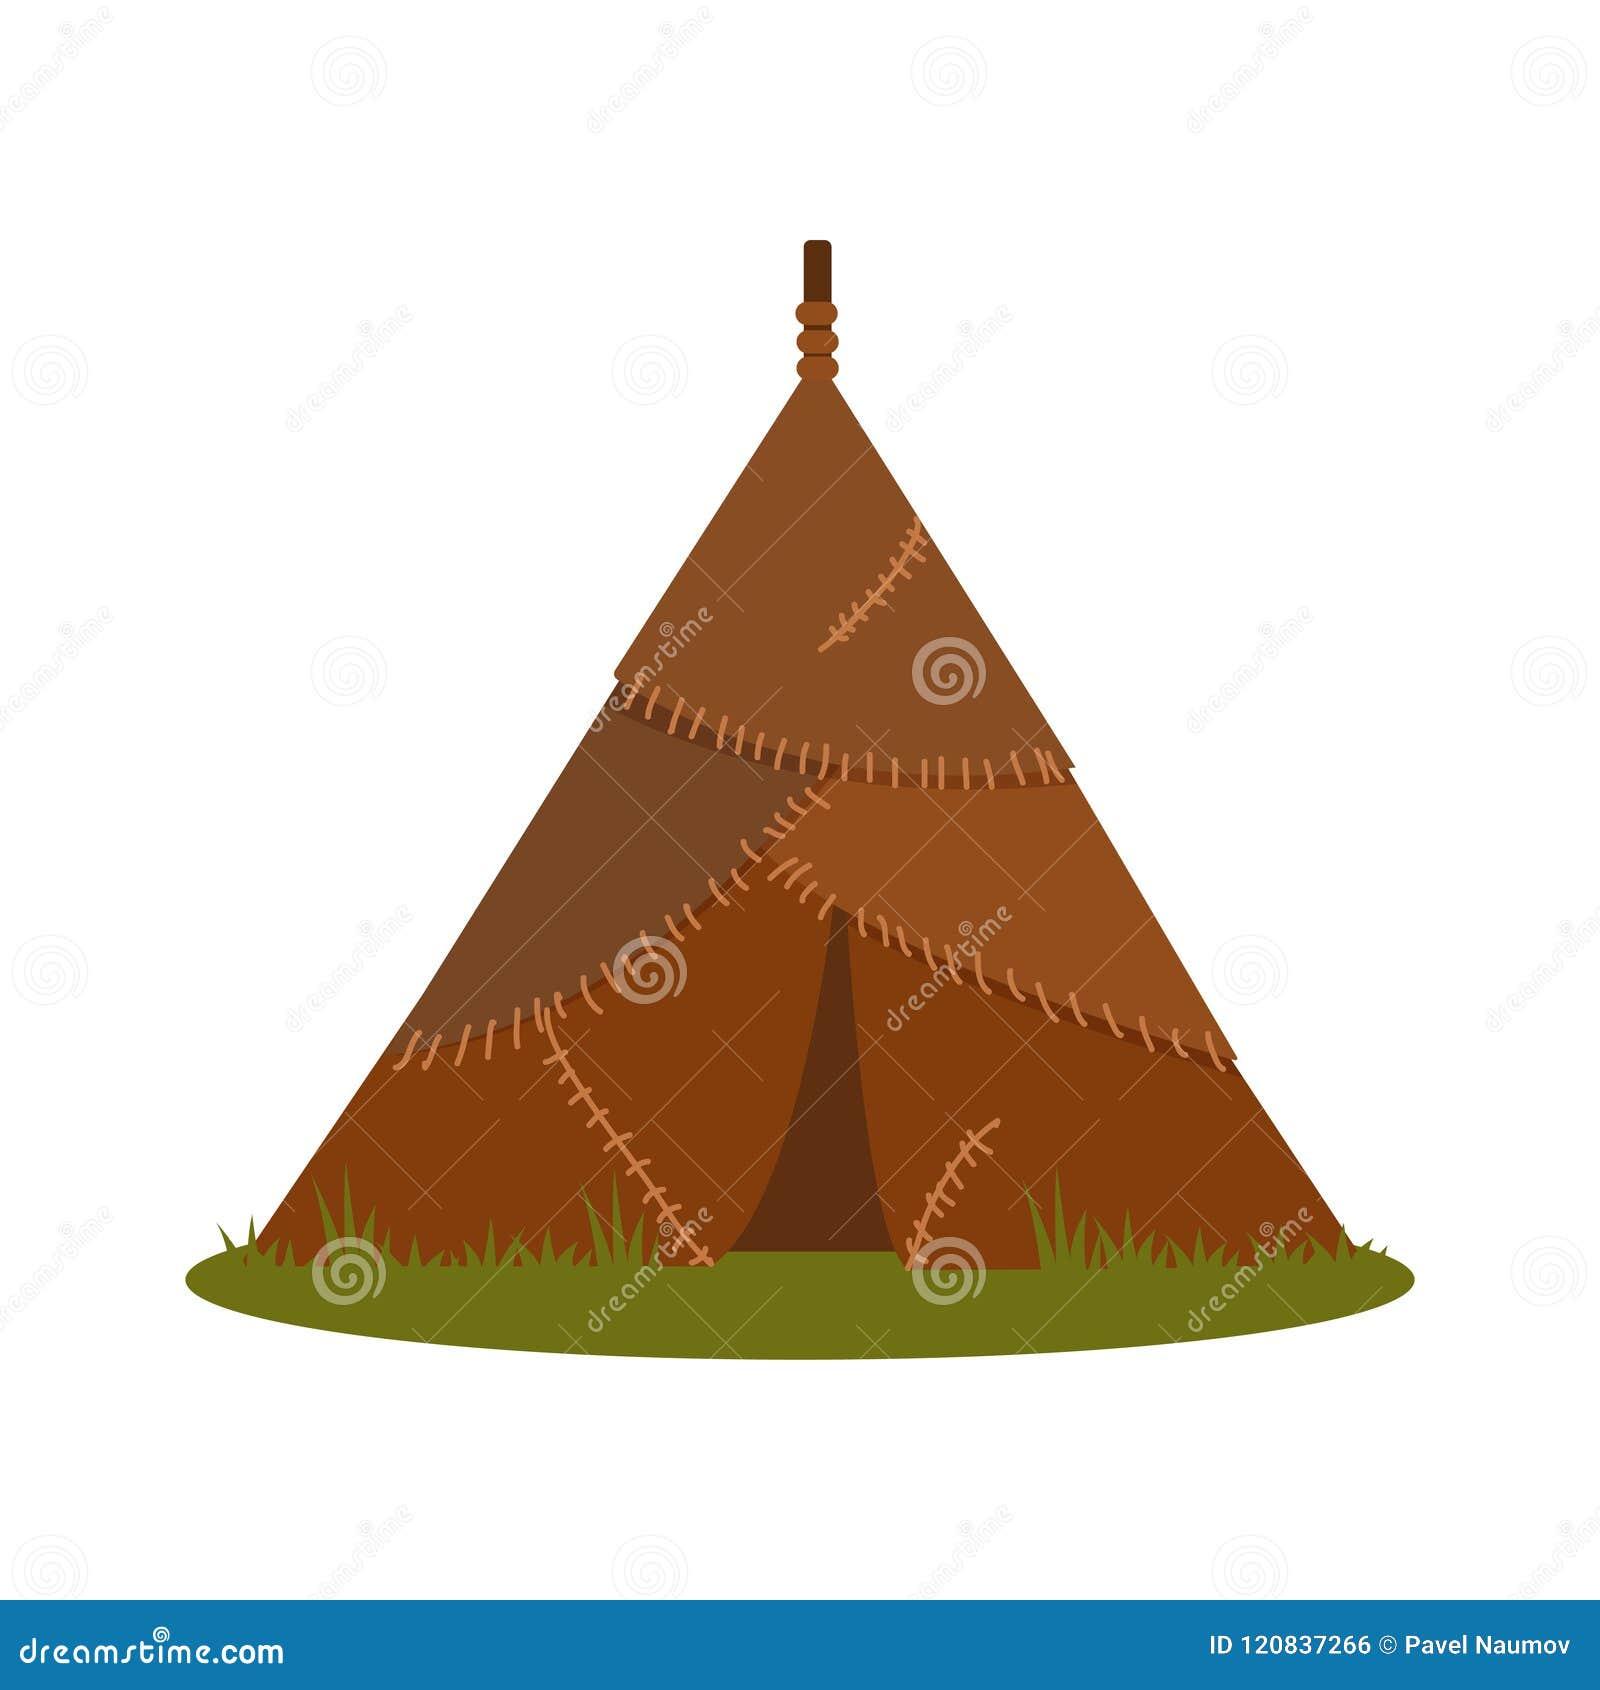 Casa prehistórica hecha de las pieles animales, elemento del ejemplo del vector de la Edad de Piedra en un fondo blanco